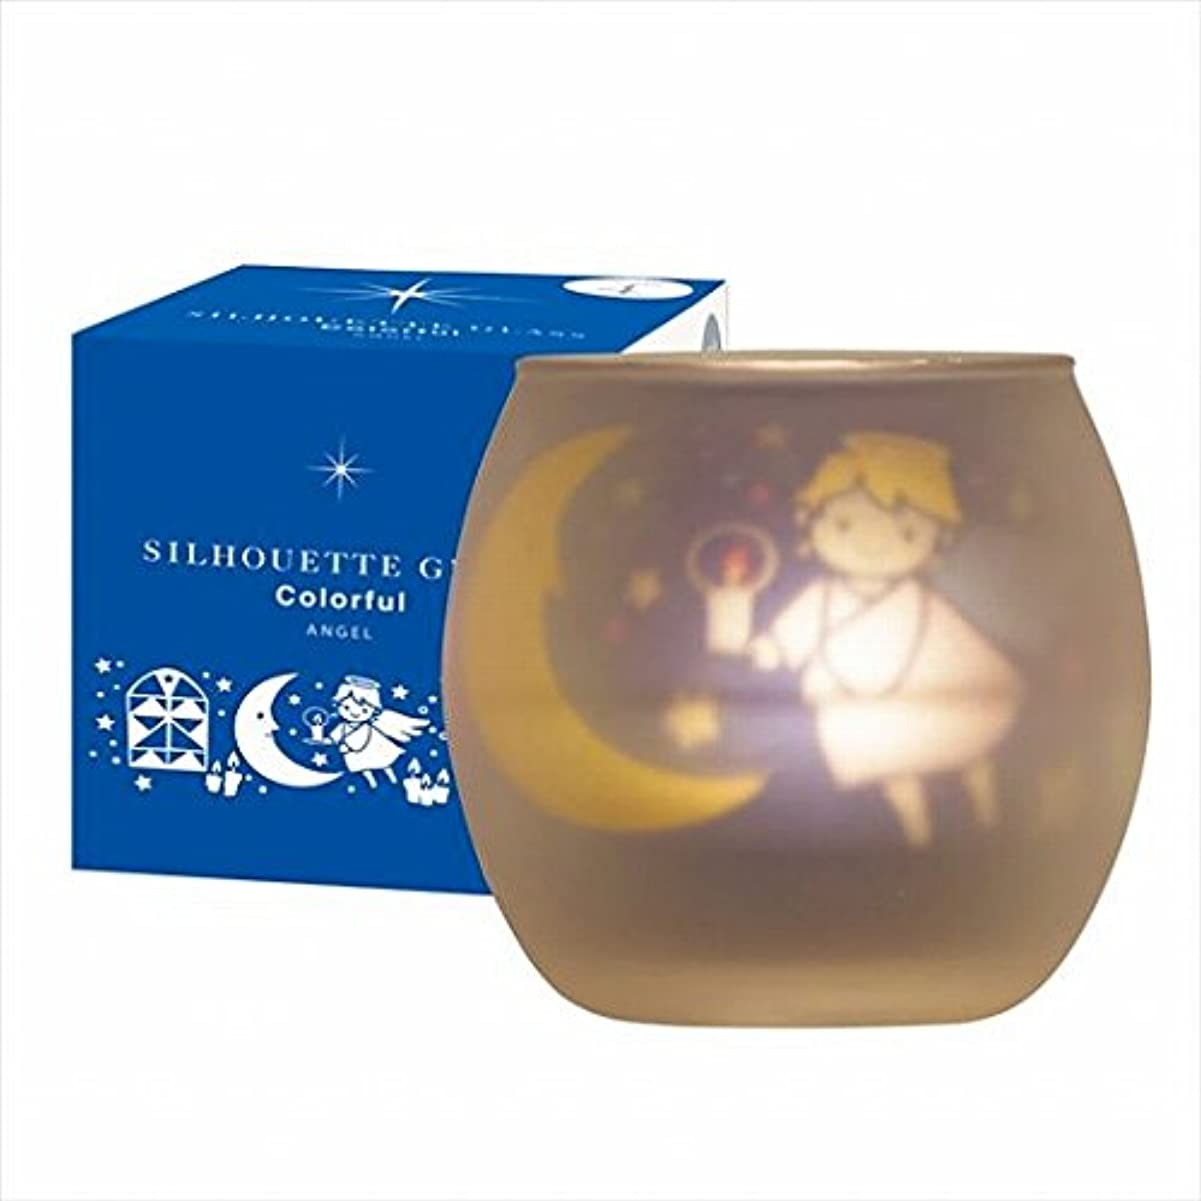 盲信講師スローガンカメヤマキャンドル(kameyama candle) シルエットグラスカラフルエンジェル【キャンドル4個付き】